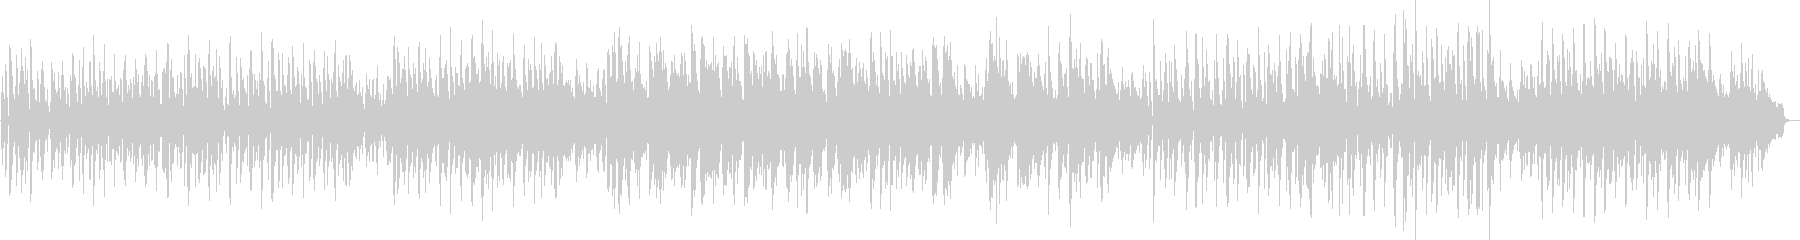 3/4拍子のポップスの未再生の波形